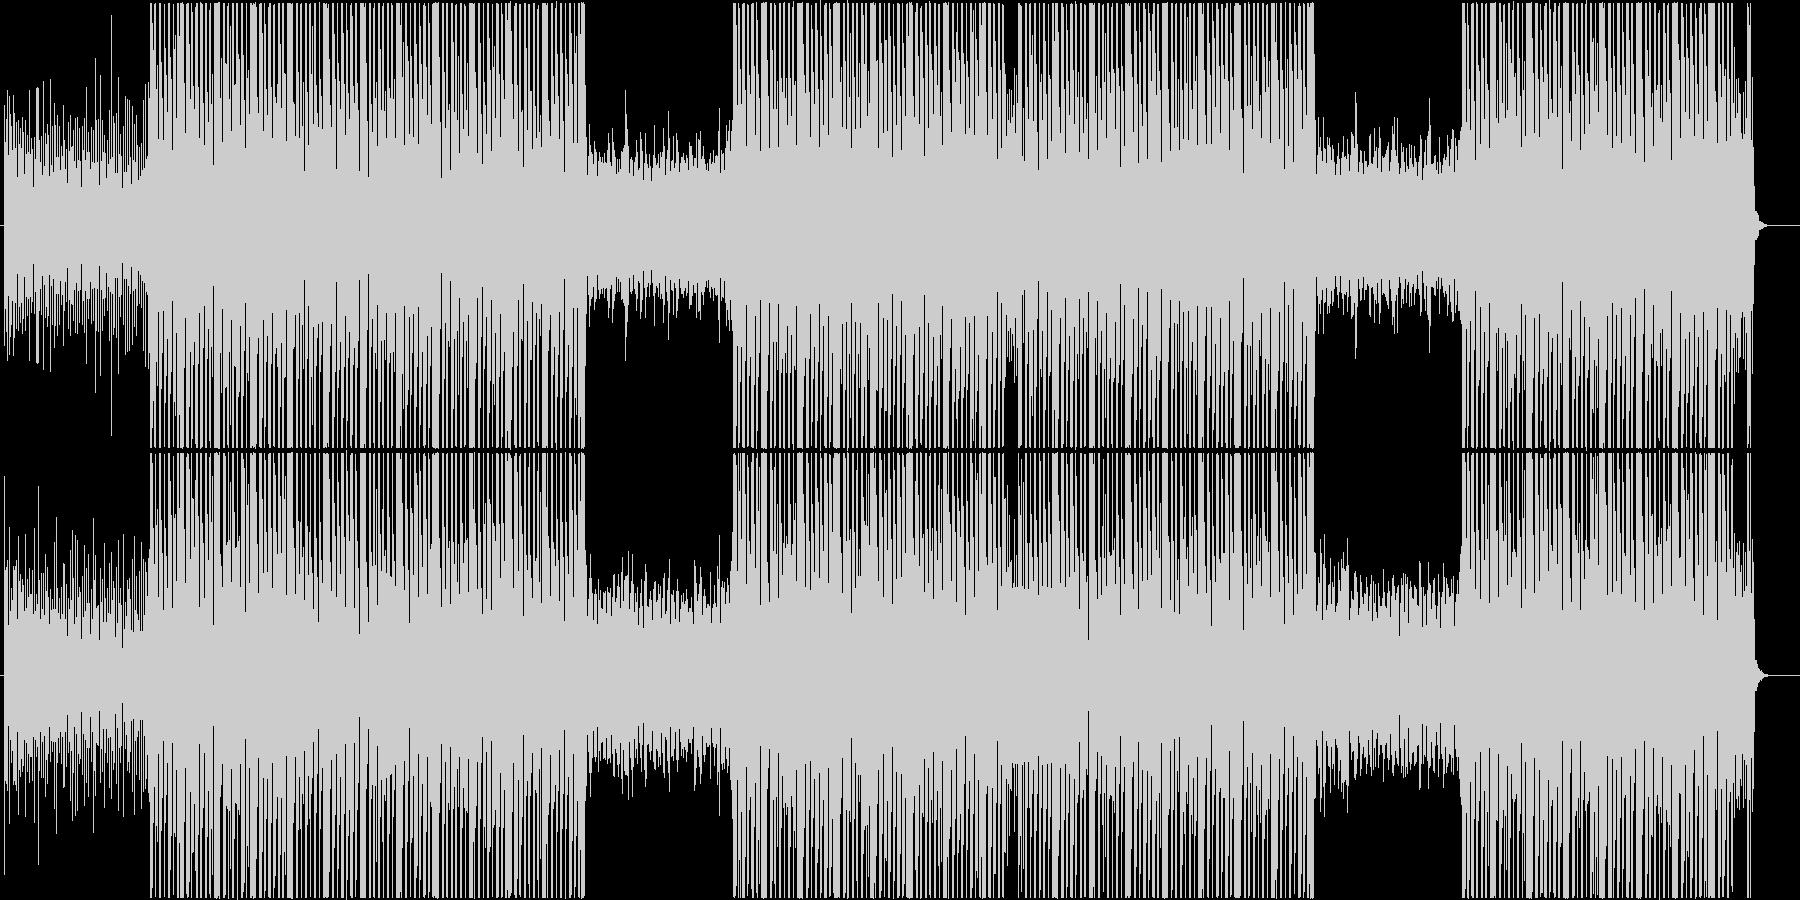 幻想的なシンセウェーブポップ♬の未再生の波形